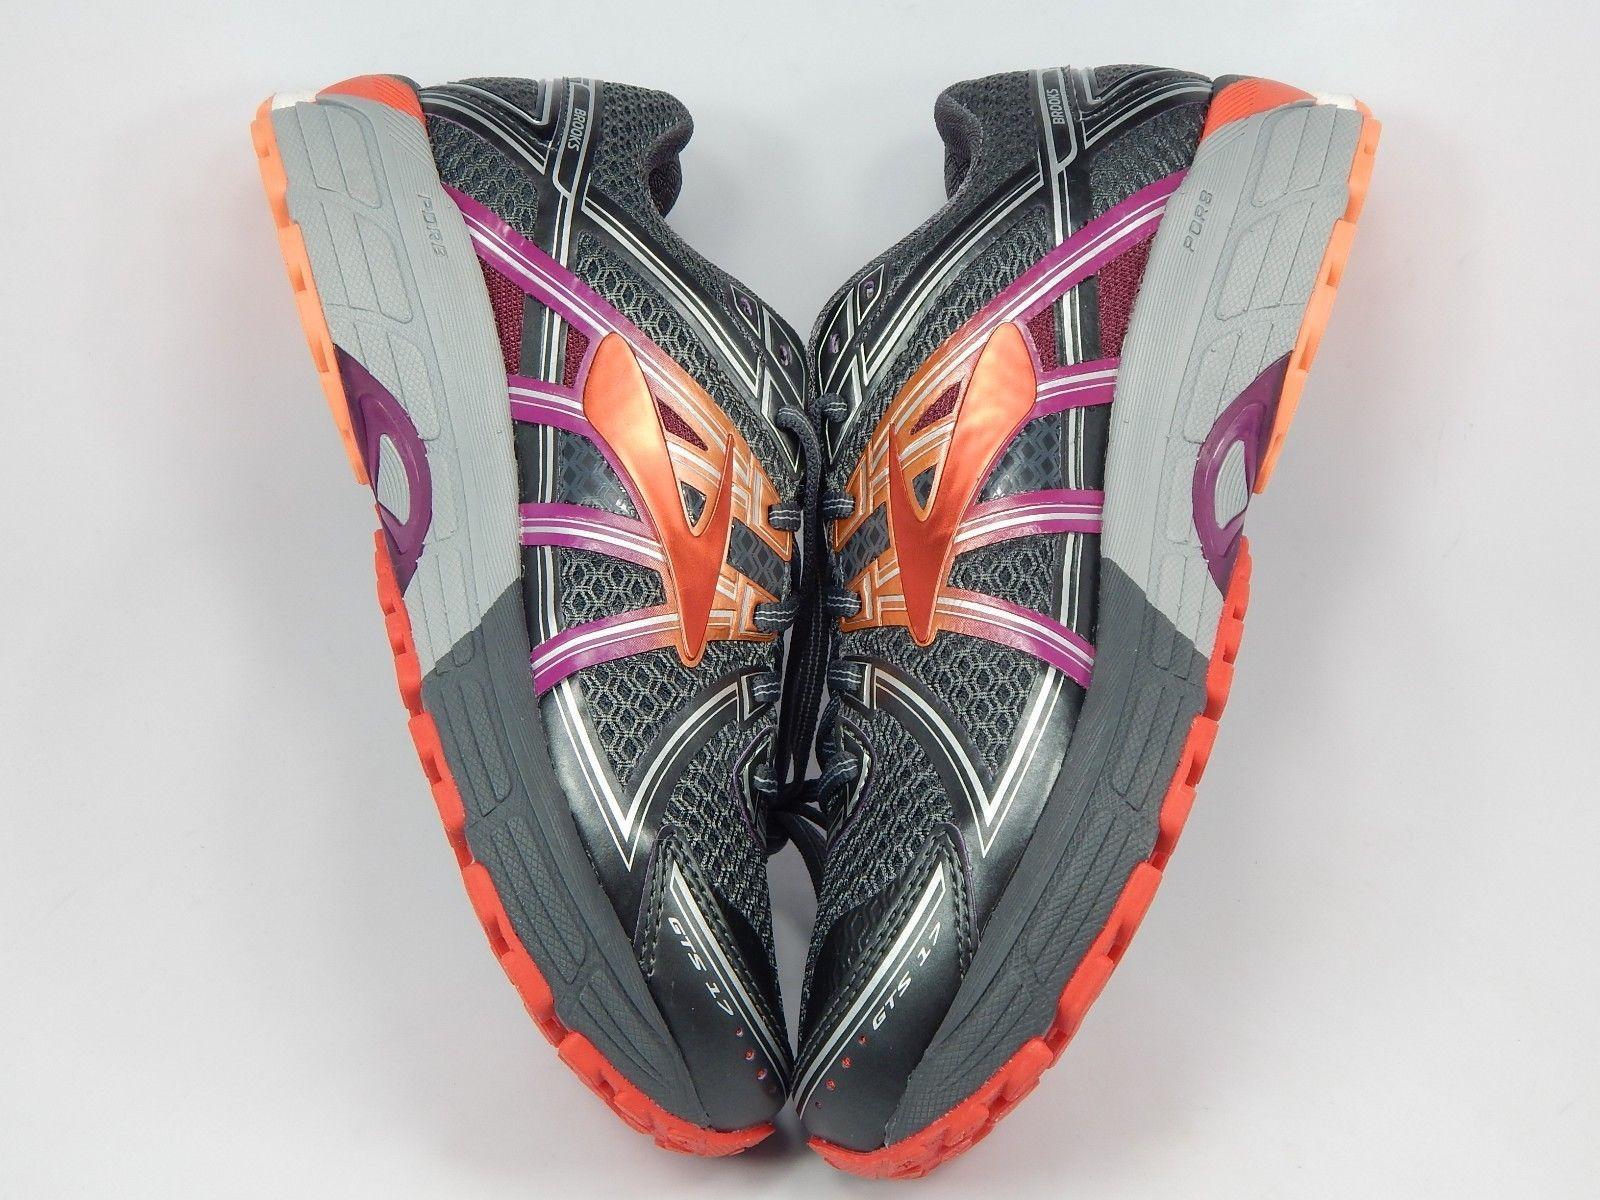 MISMATCH Brooks GTS 17 Women's Running Shoes Sz 8 D WIDE Left & 9.5 D WIDE RIght